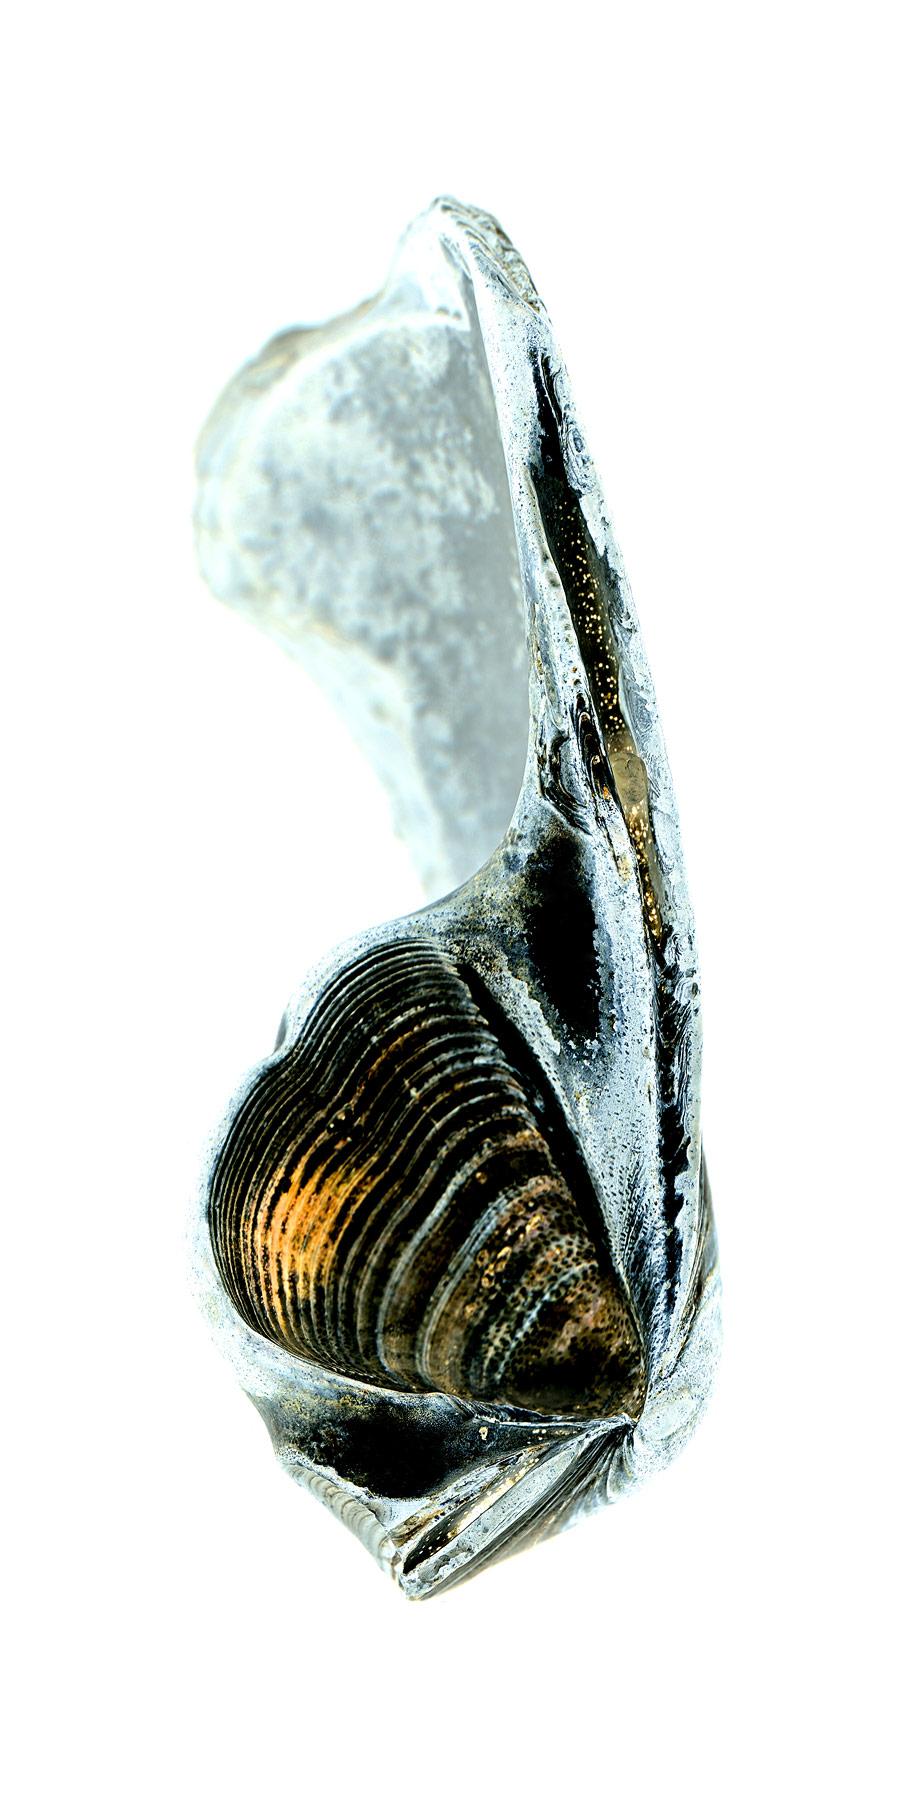 shell035-i.jpg